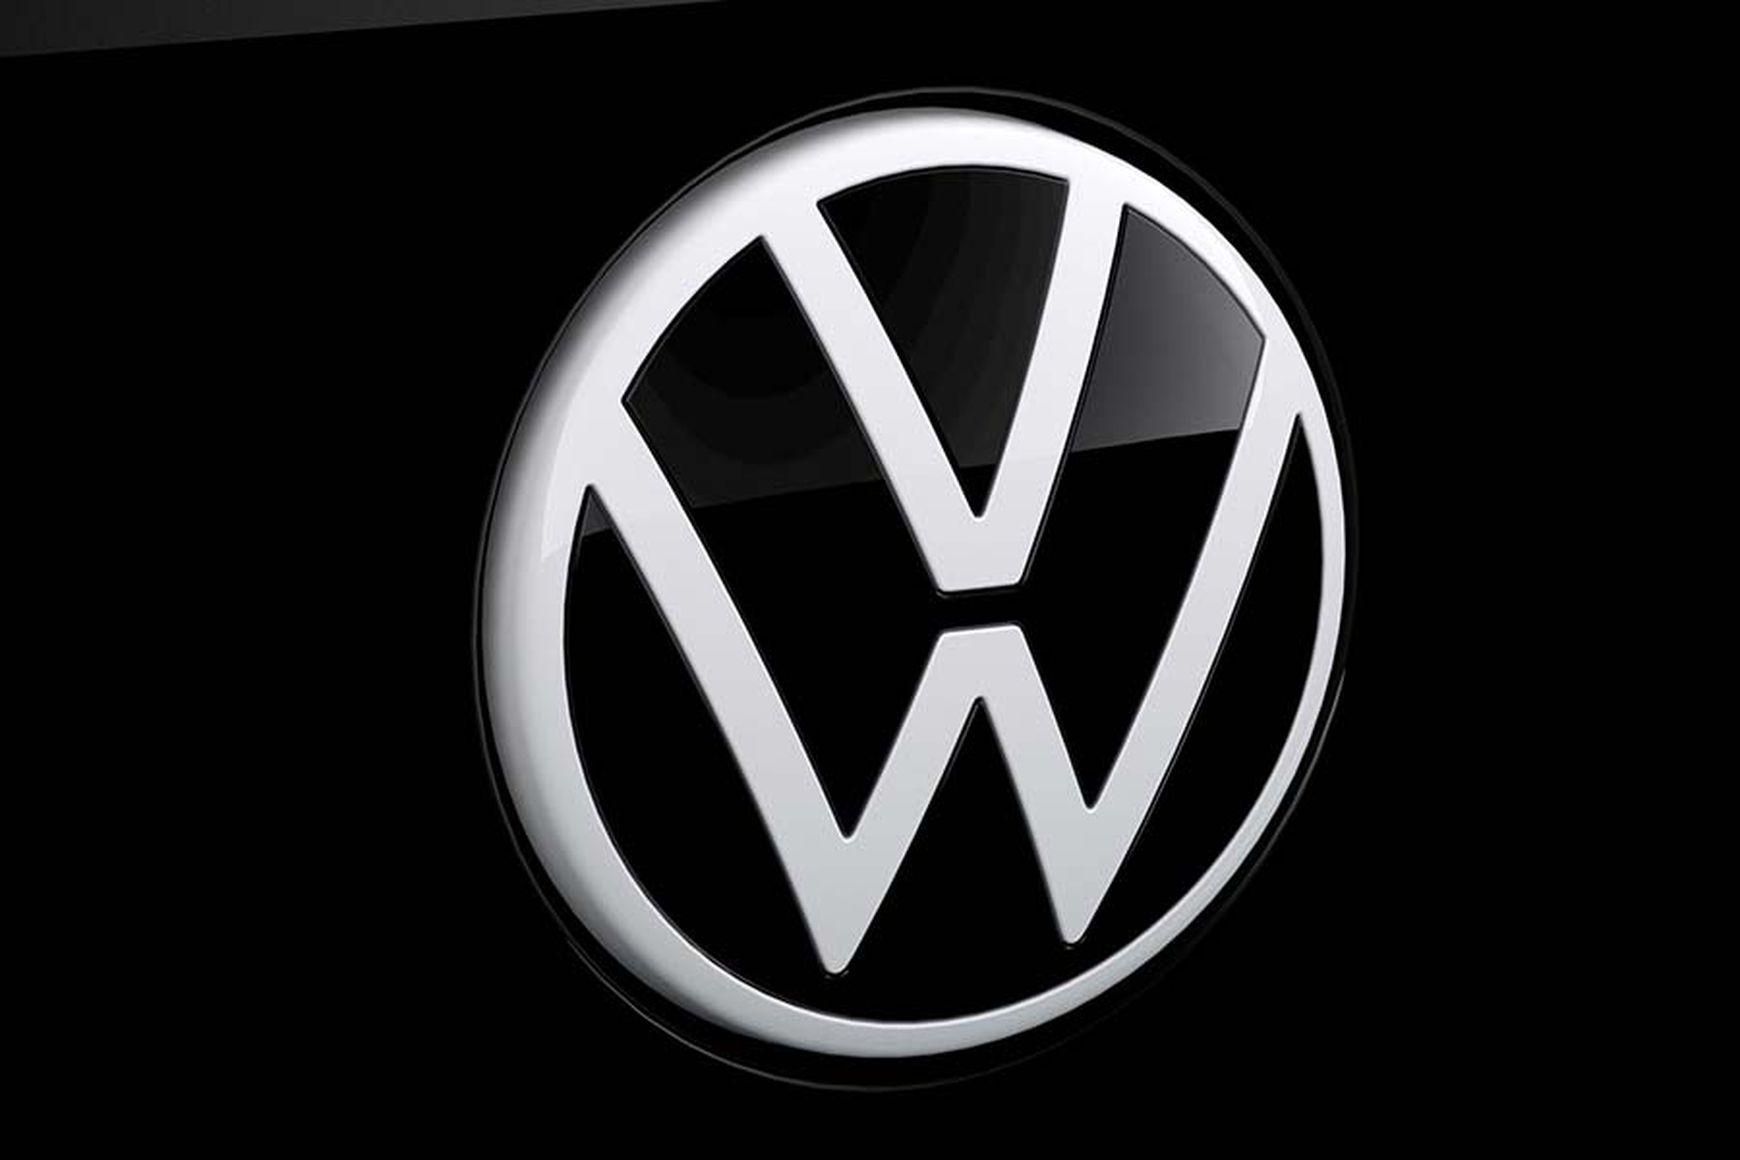 Das ist das neue VW Logo.